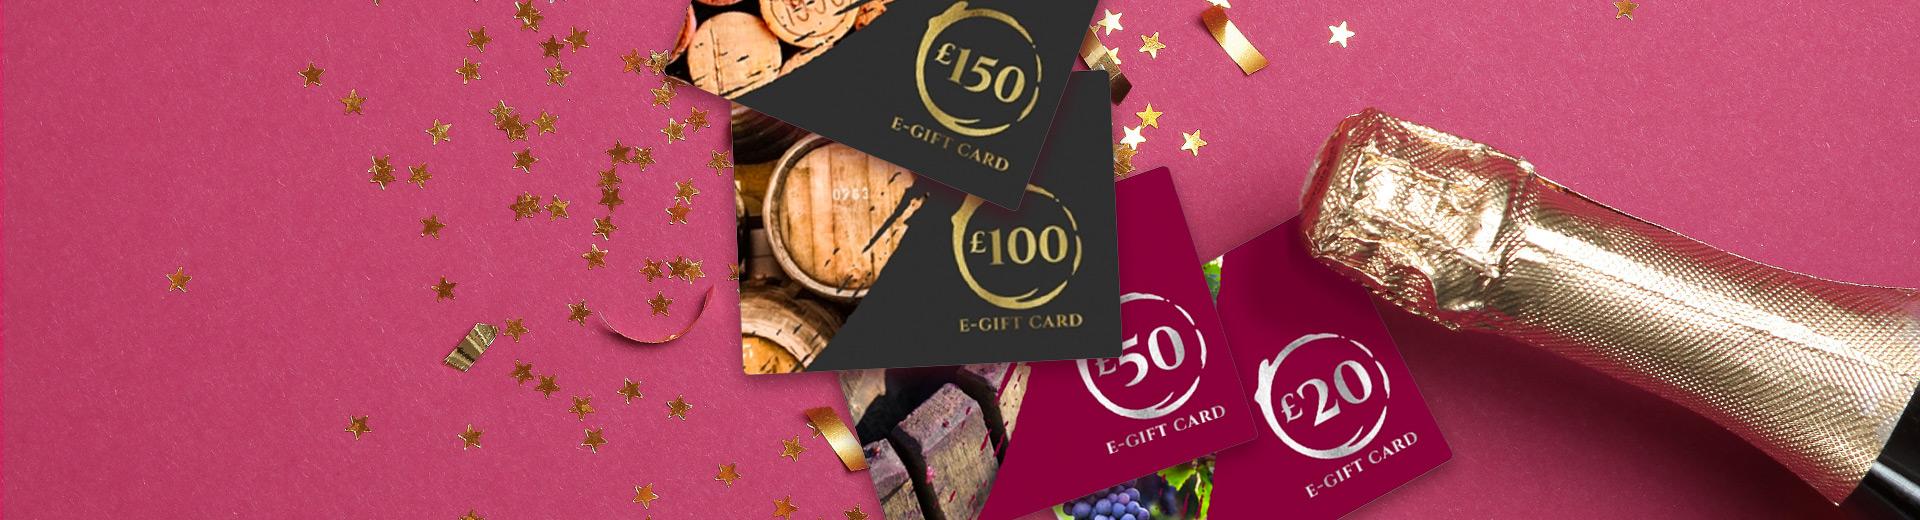 Wine eGift Cards